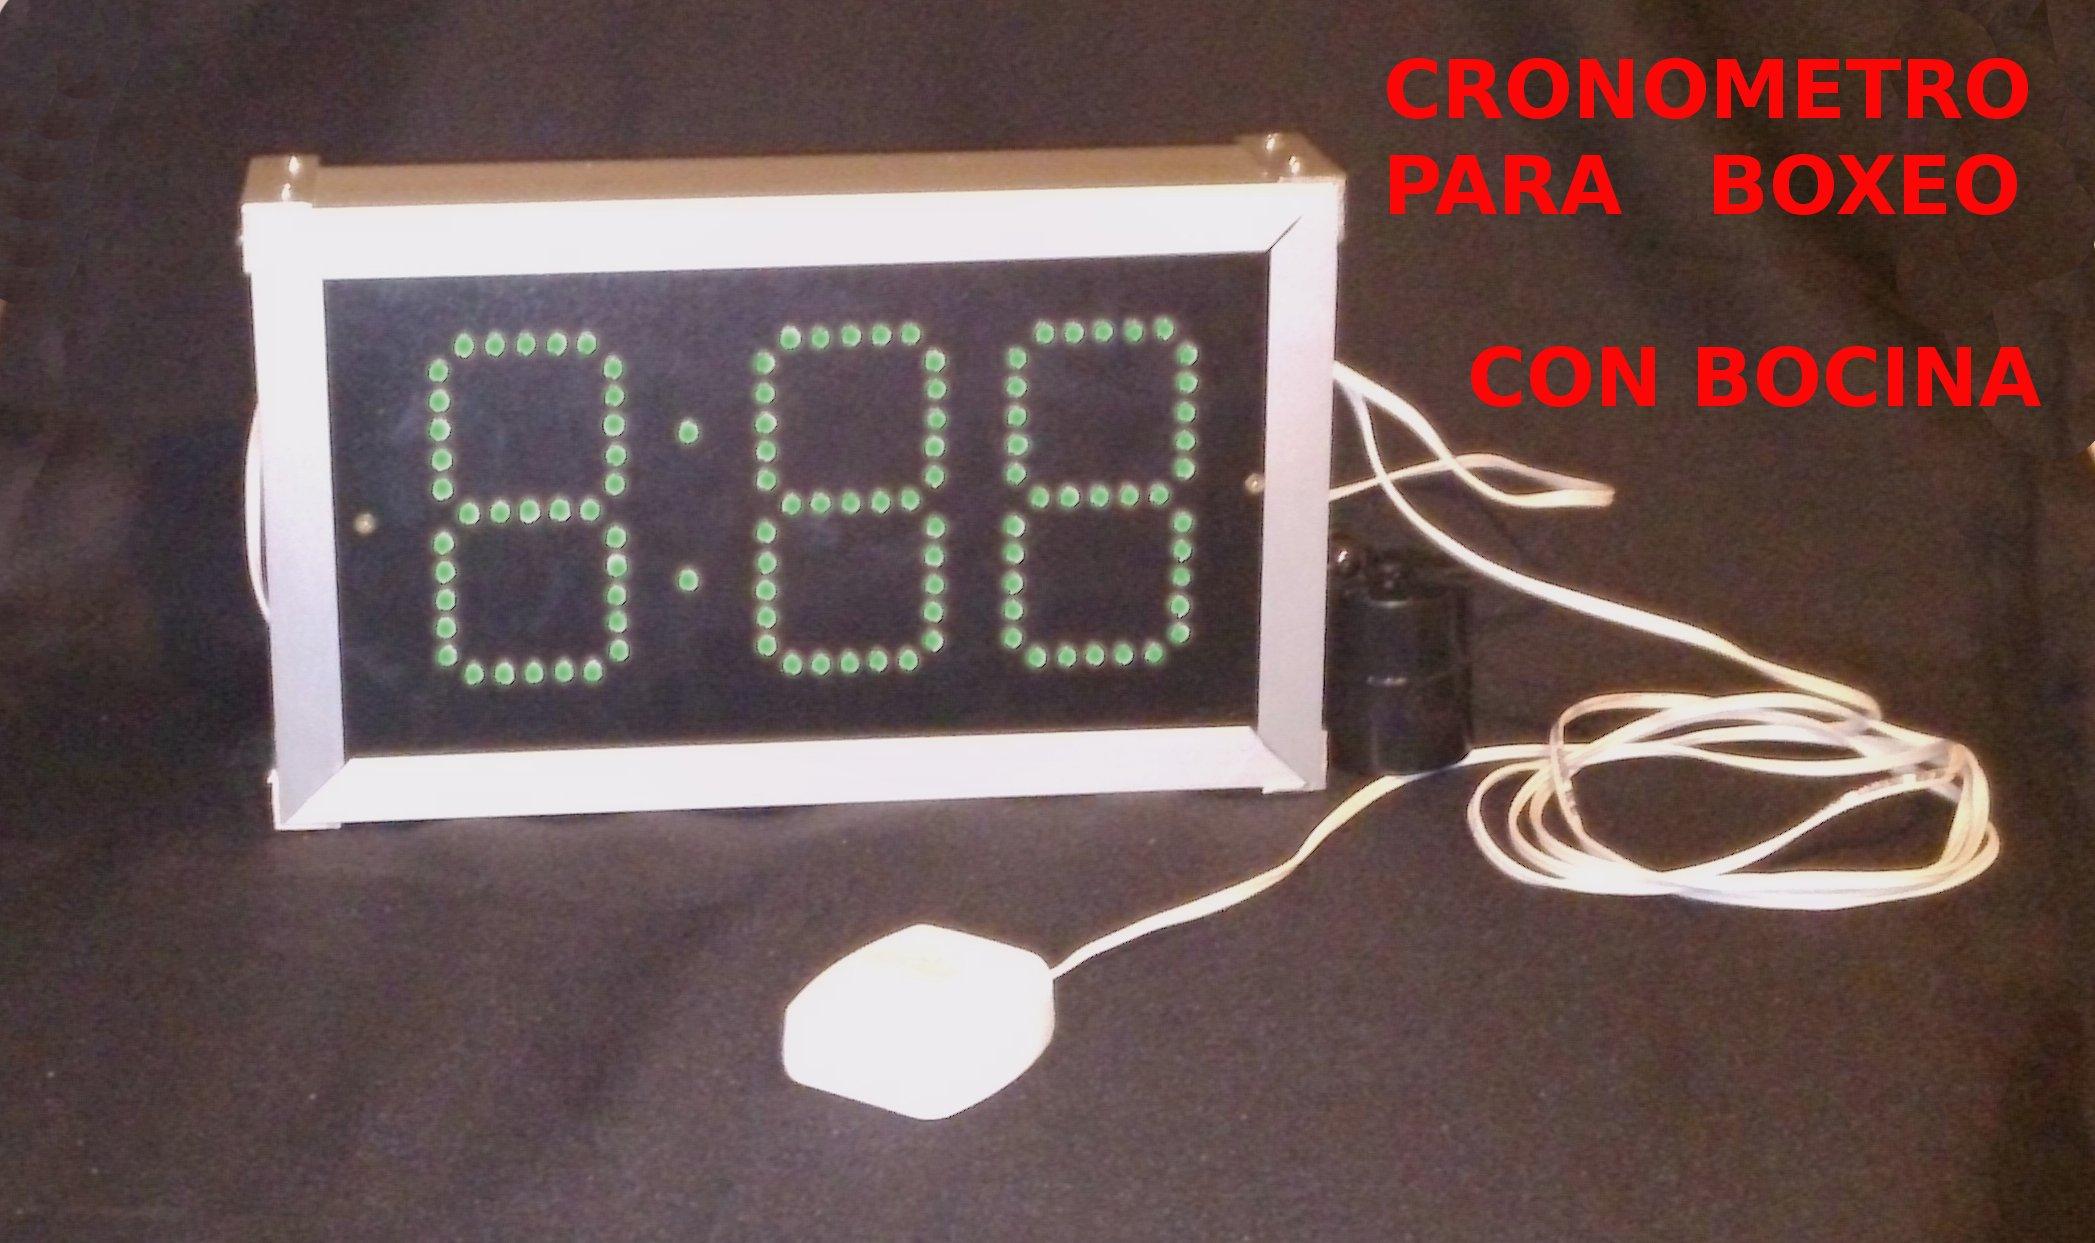 Cronometro para Boxeo